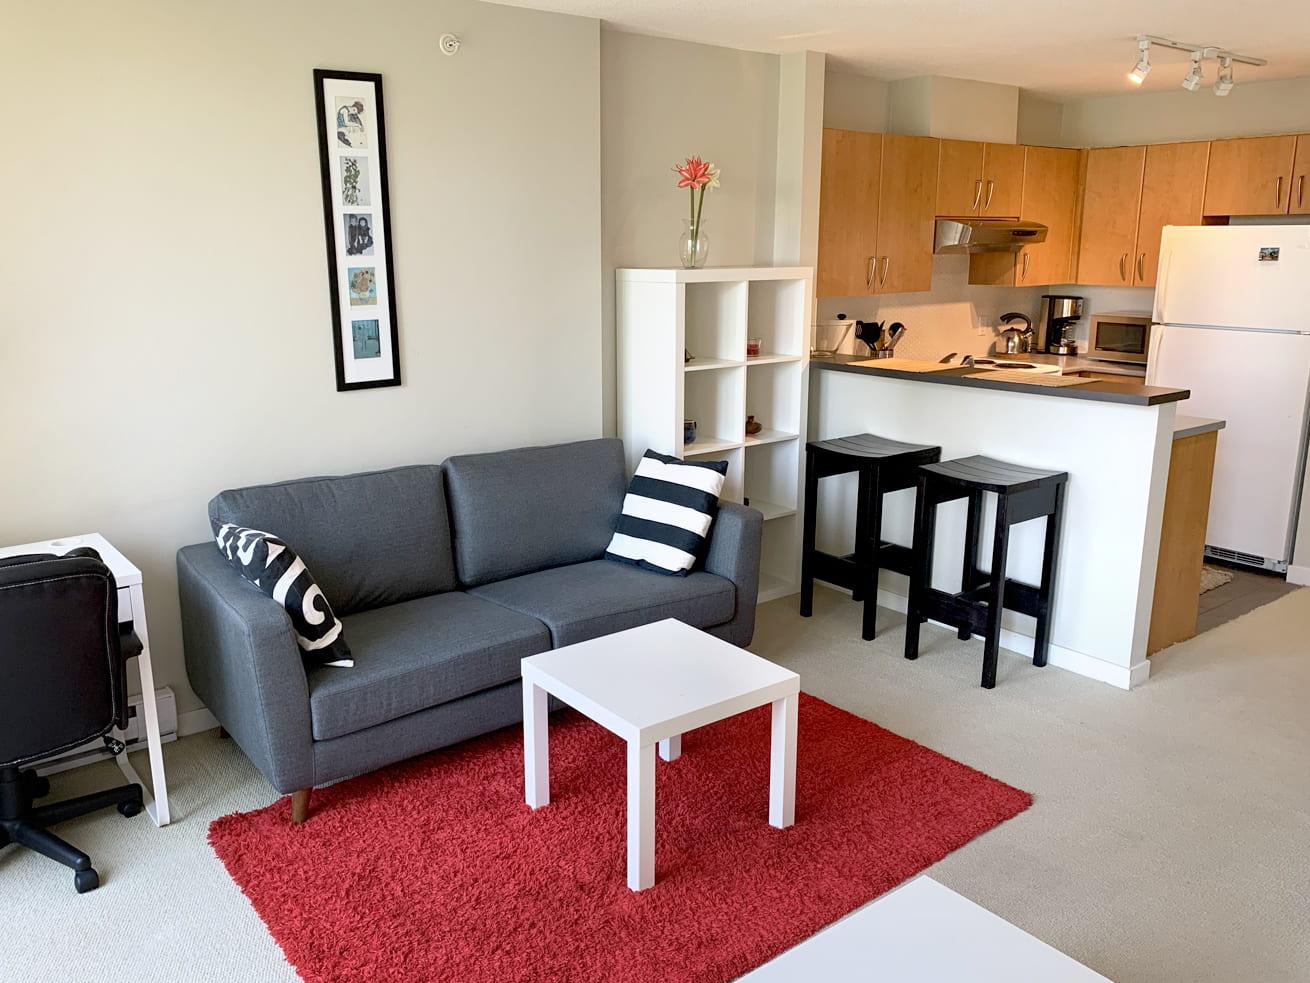 Vancouver condo rentals oscar studio